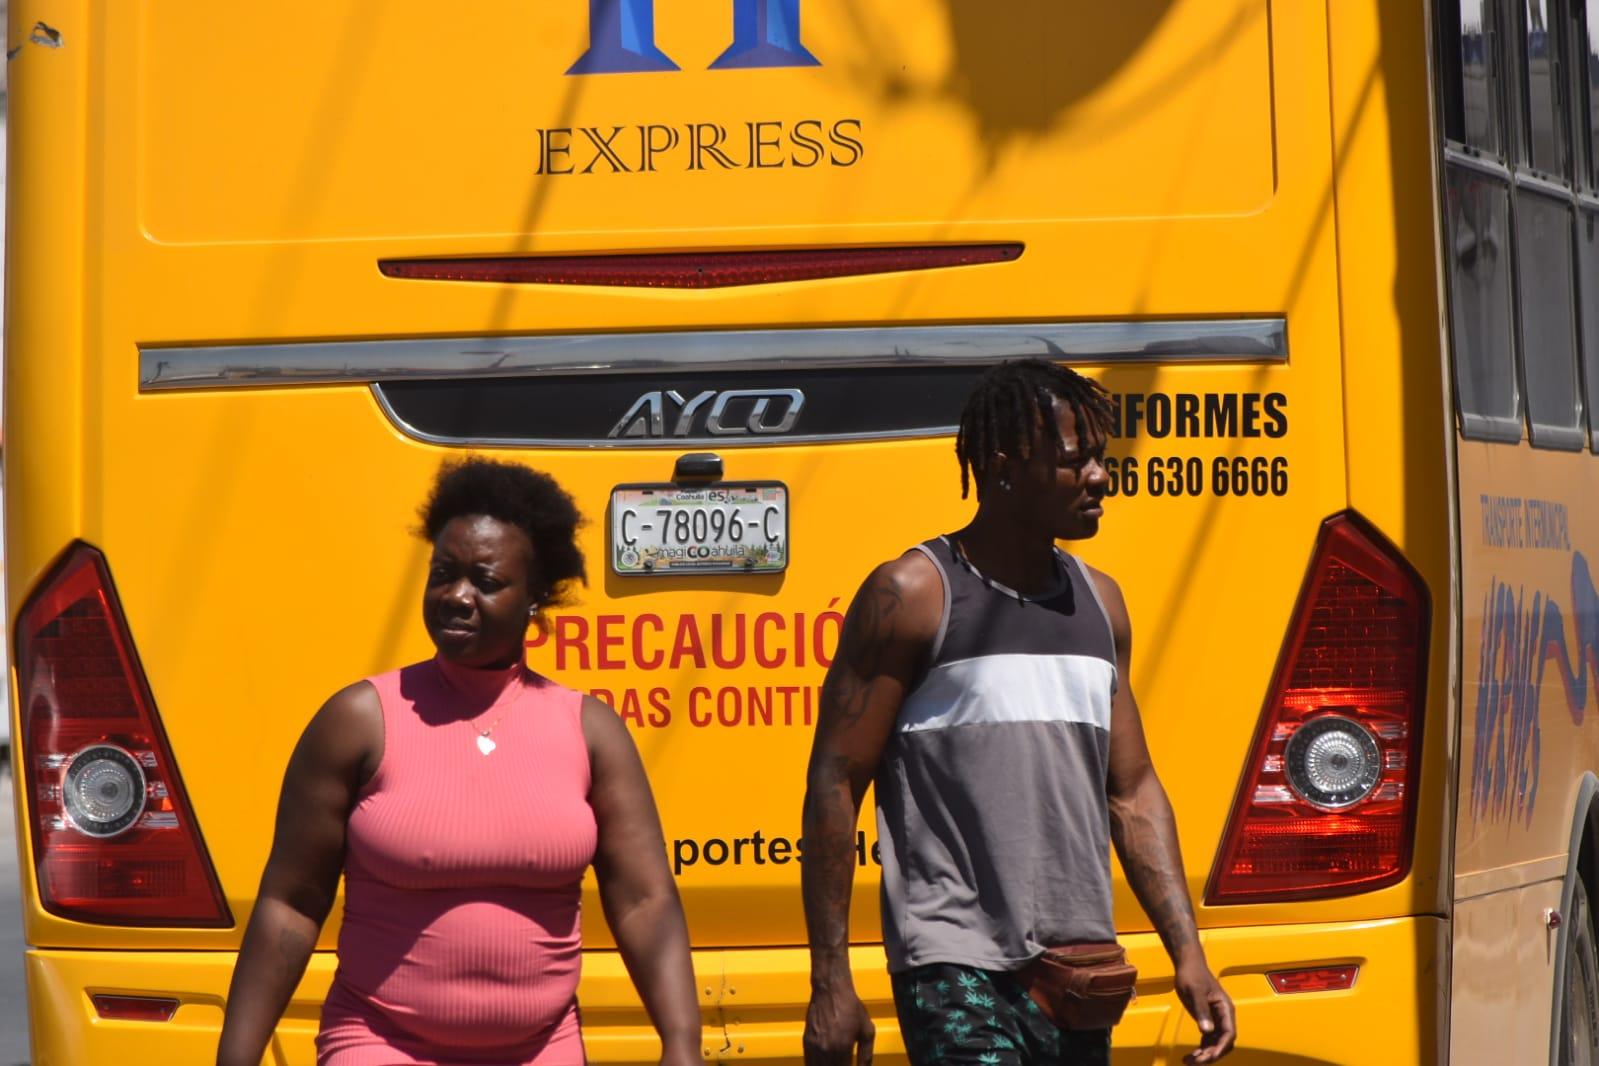 Los haitianos recibirán ayuda en Monclova para regresar a su país